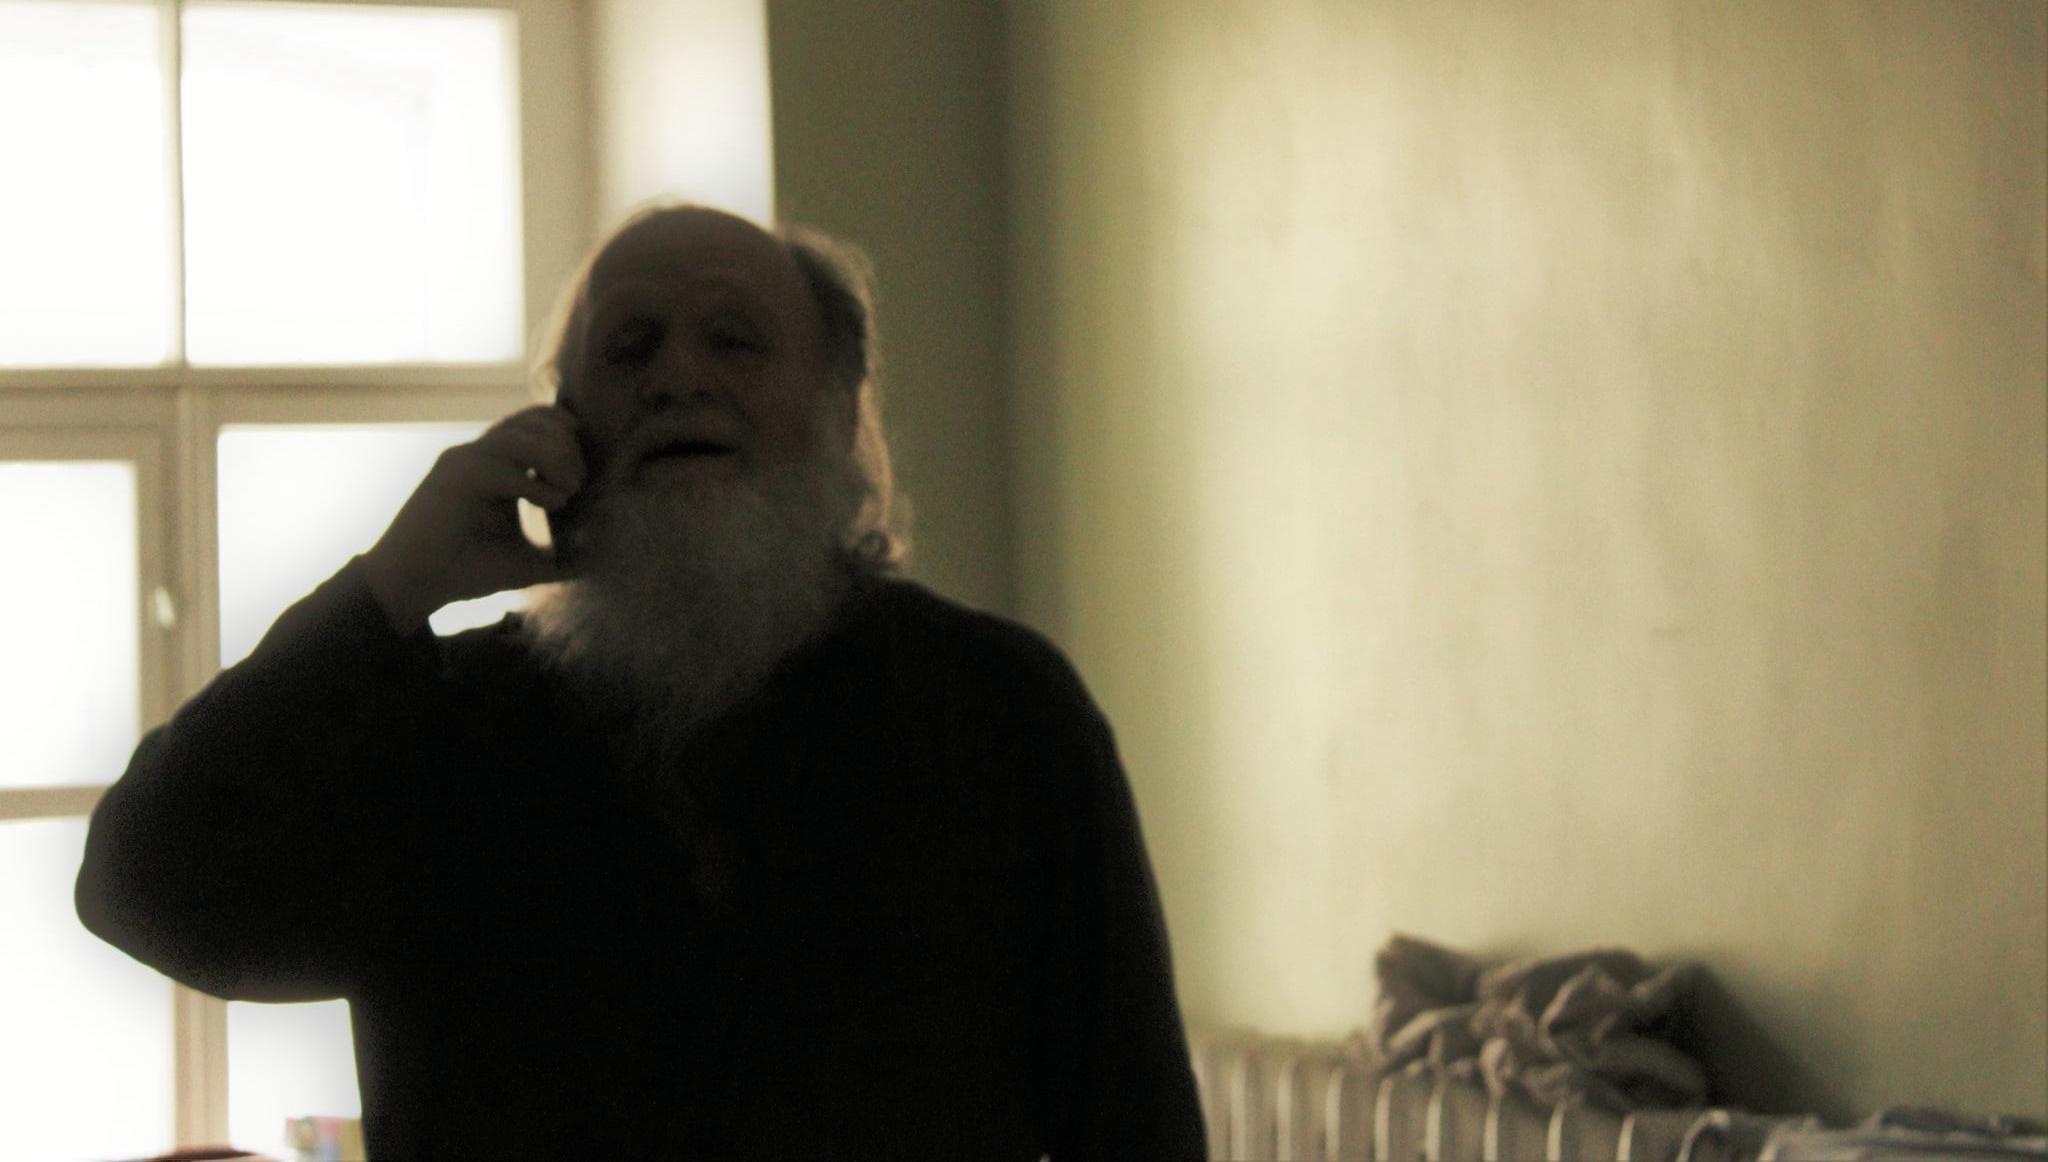 Монах из Вологды разыскал свою сестру в Тверской области благодаря неравнодушным людям - новости Афанасий